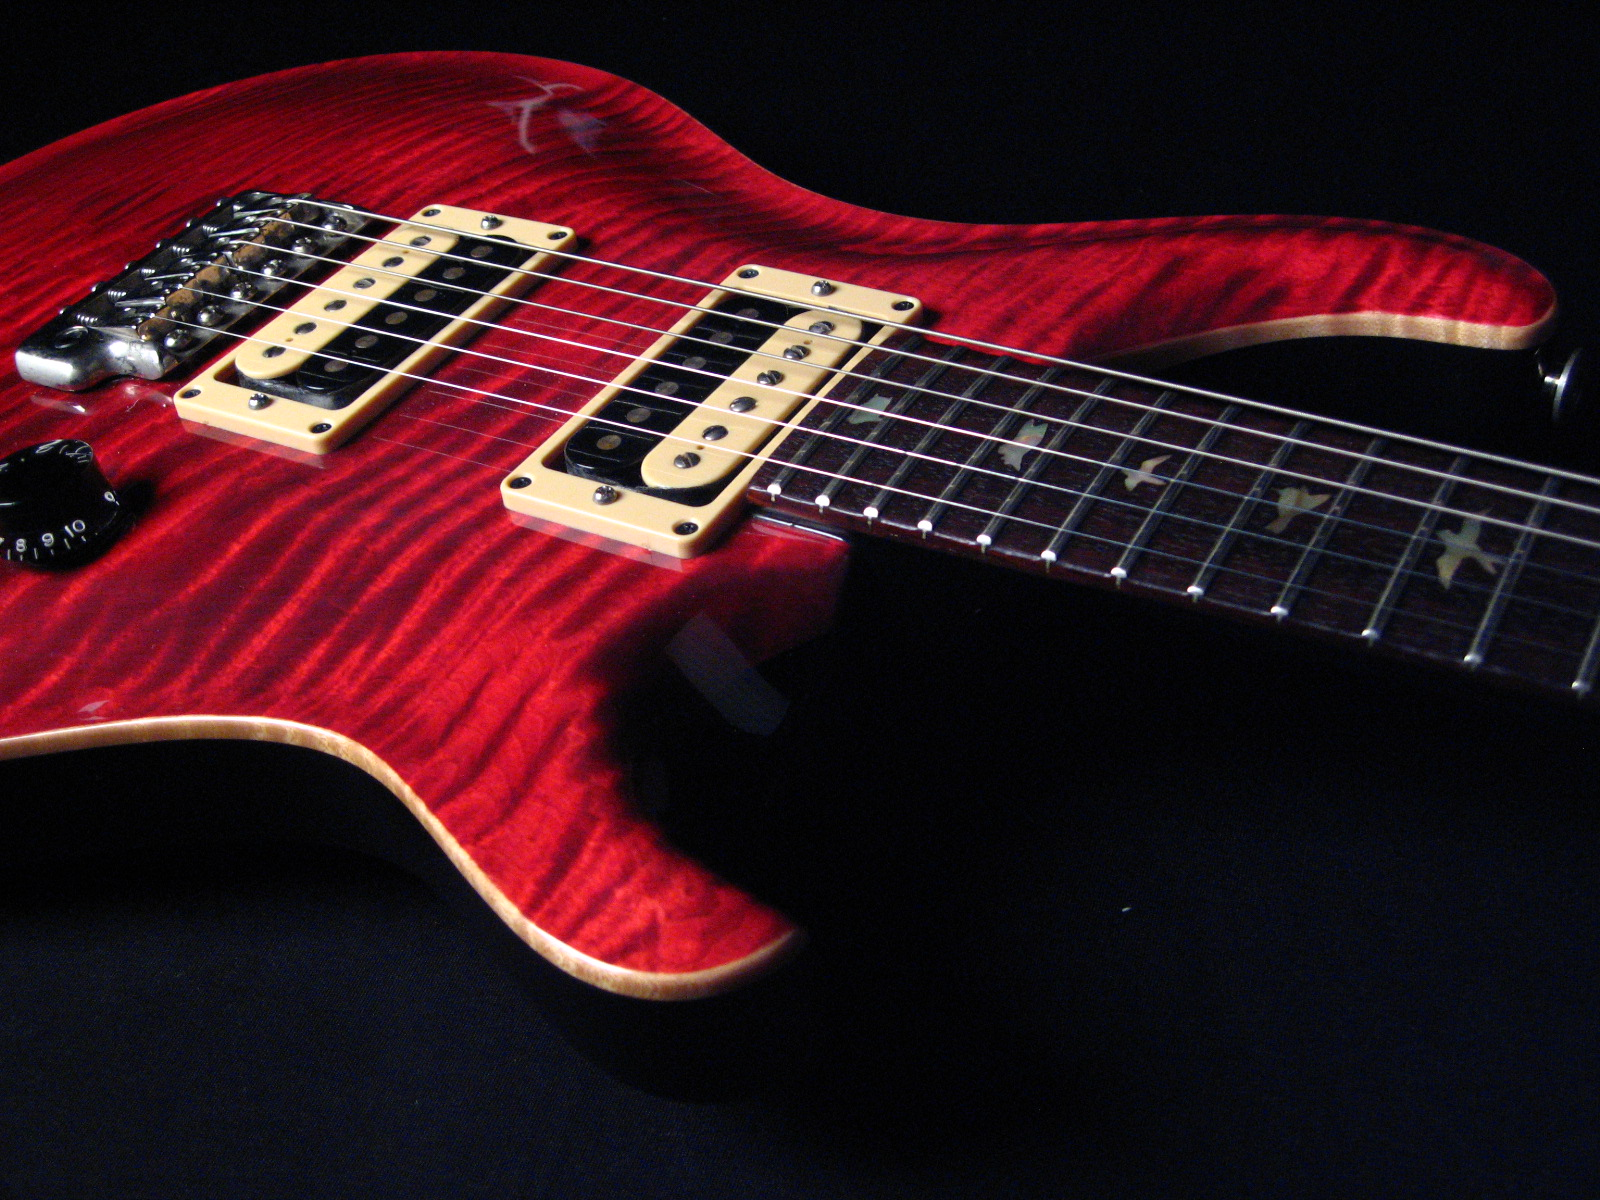 Fuentes de Informacin   Wallpapers Guitarras Elctricas 1600x1200